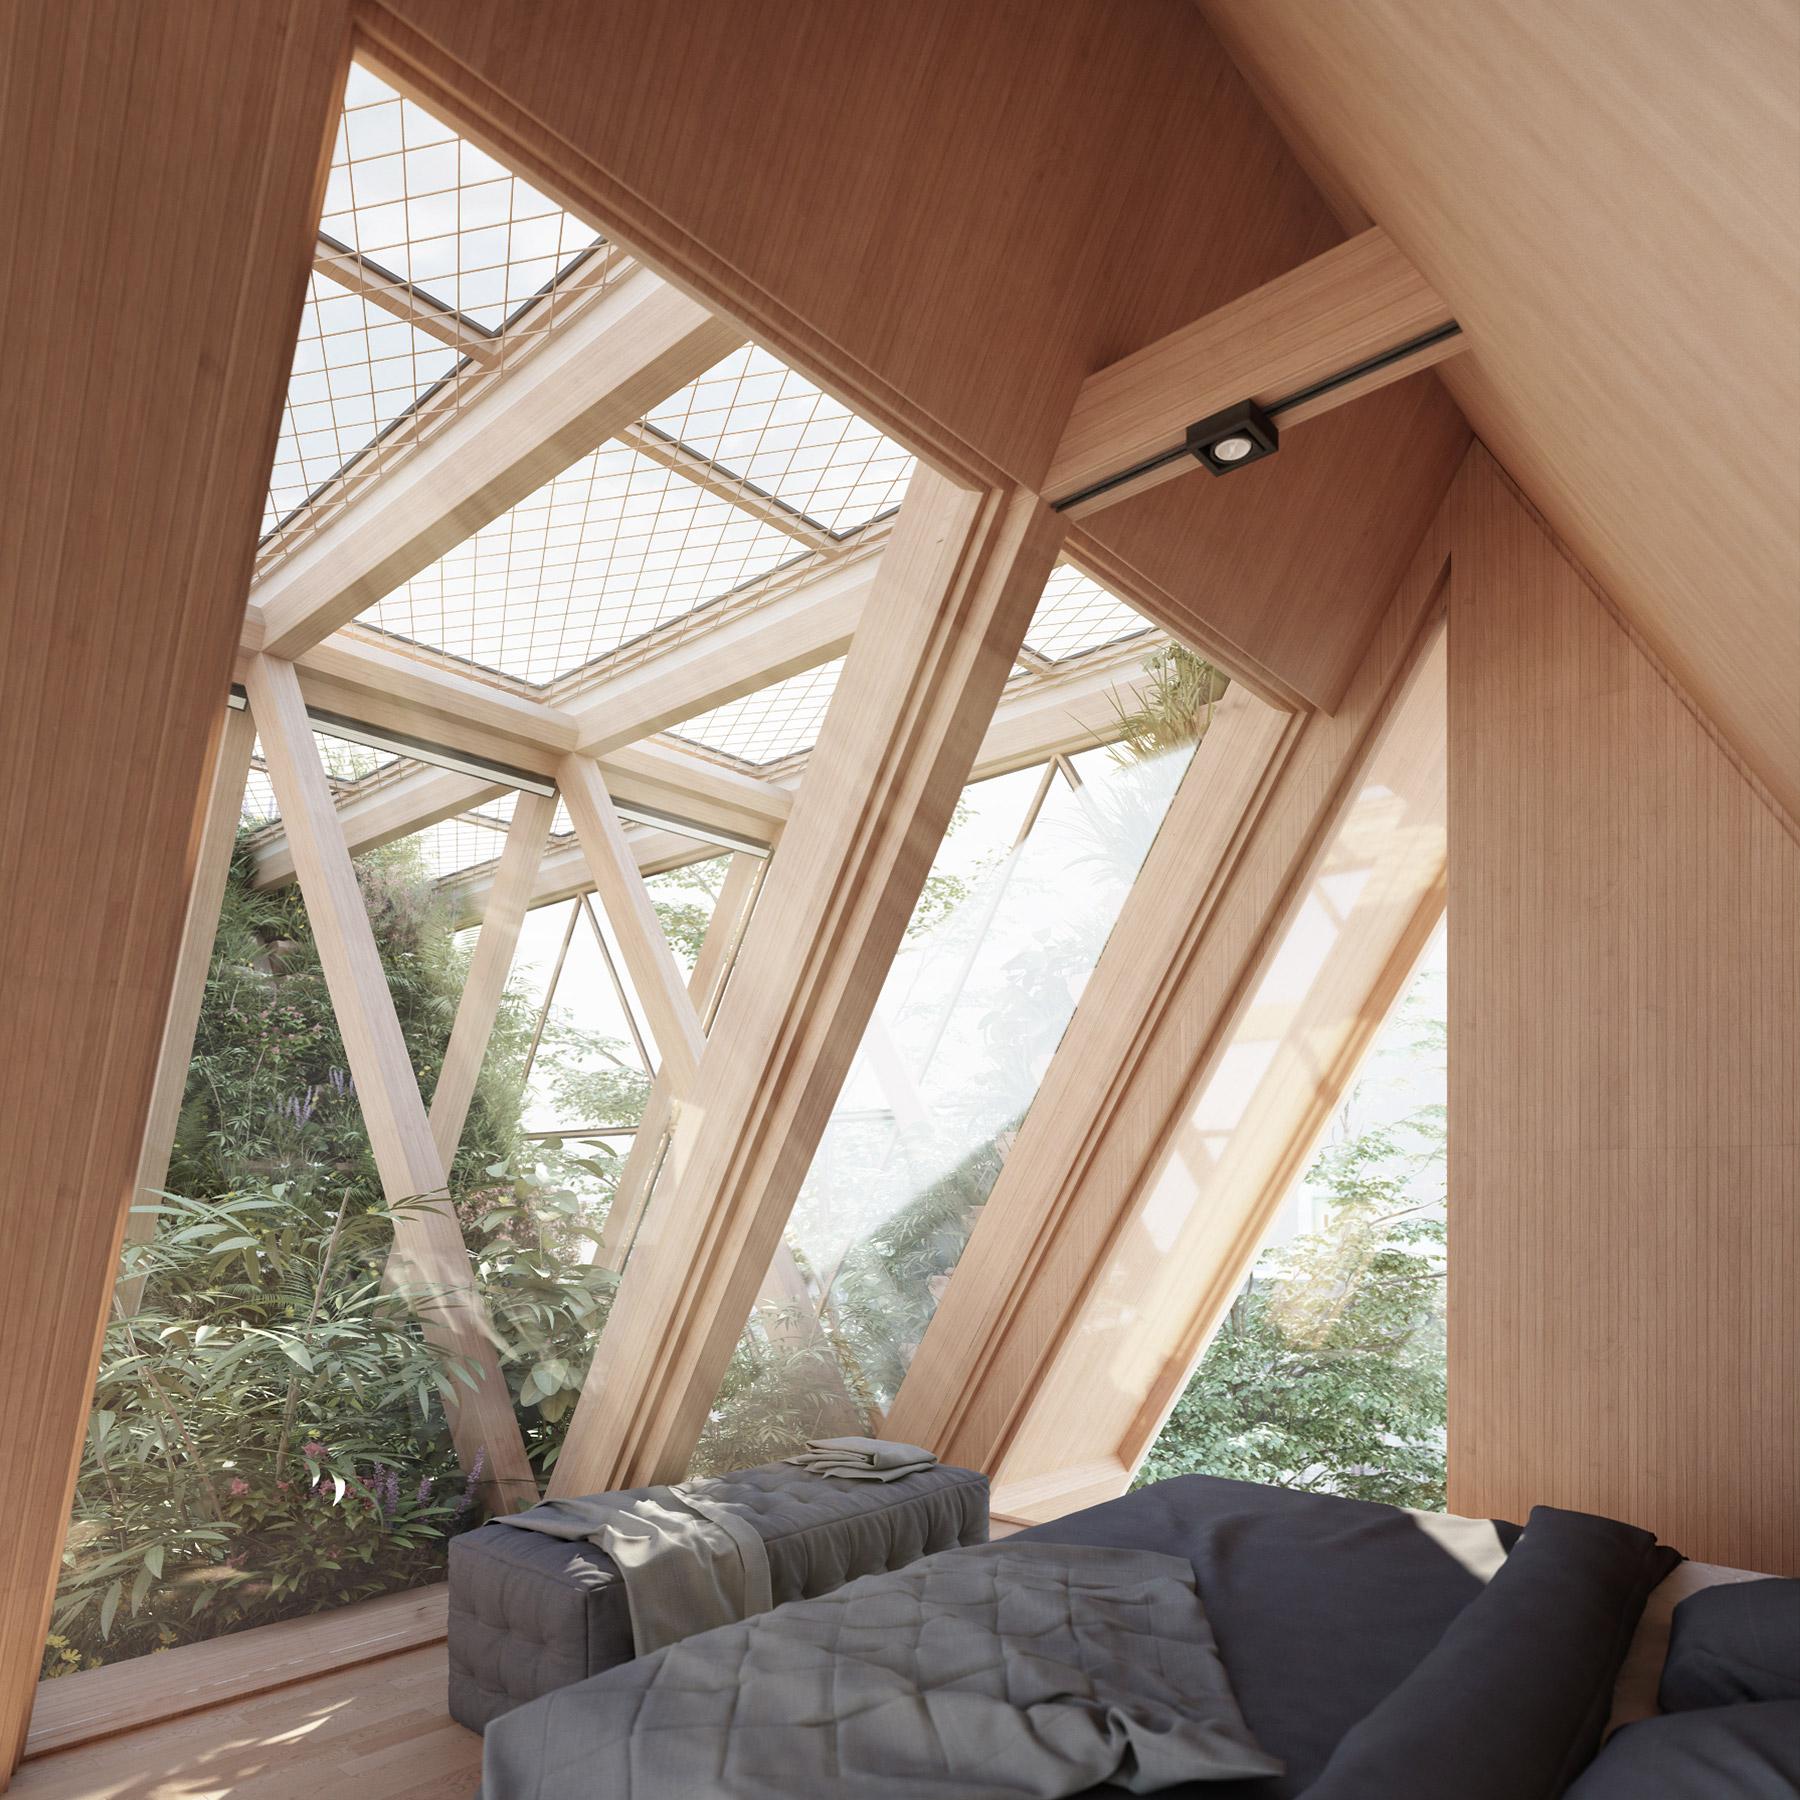 Verticle Garden with bedroom